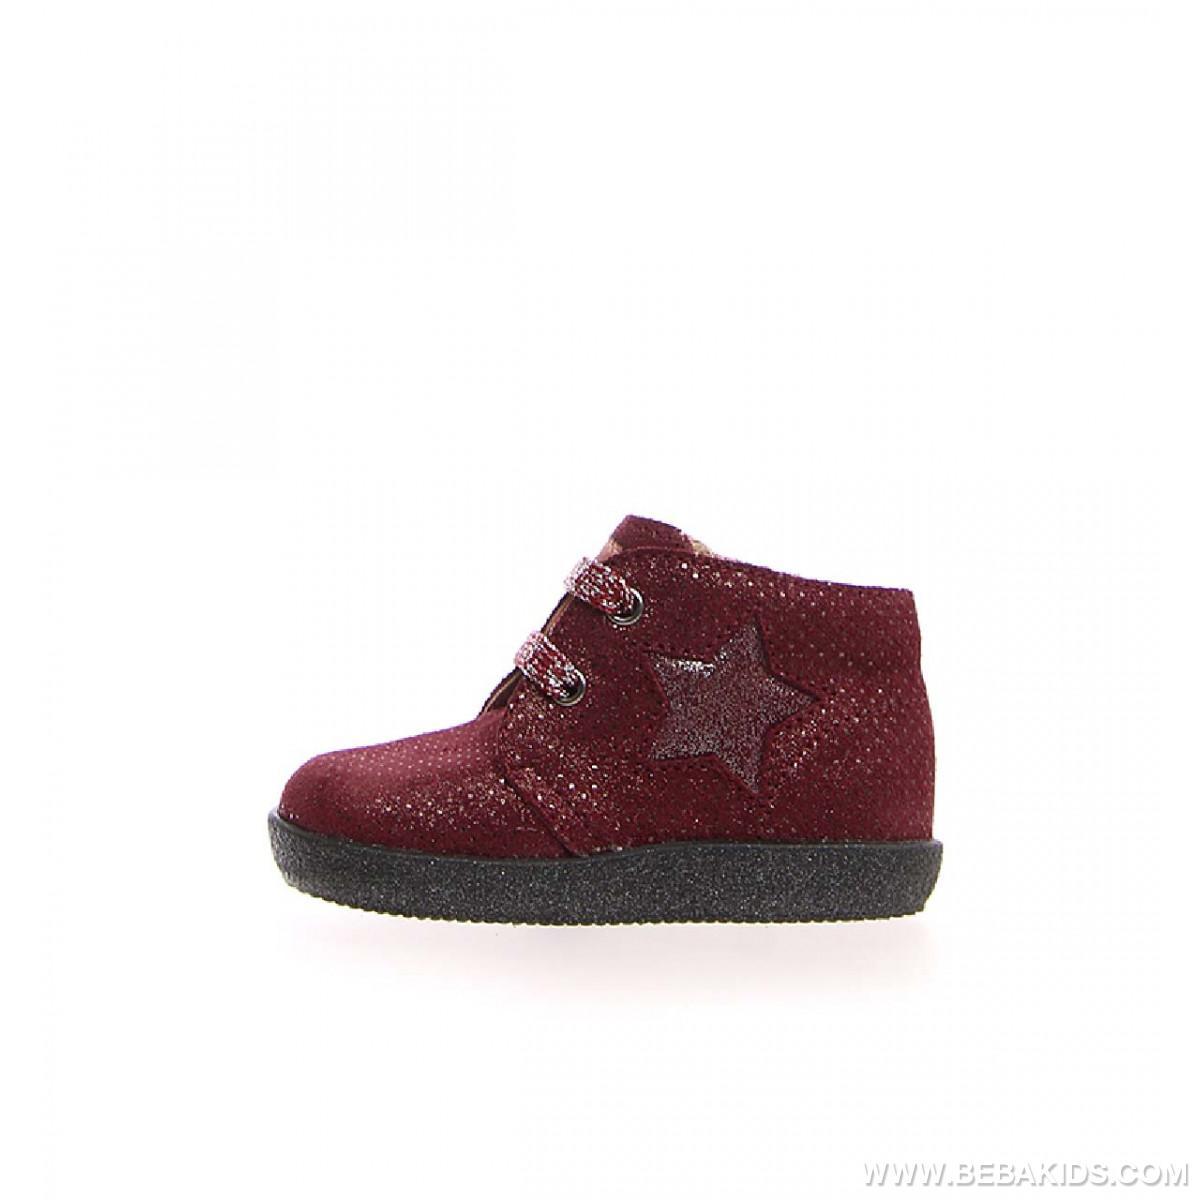 Cipele falc 18-23